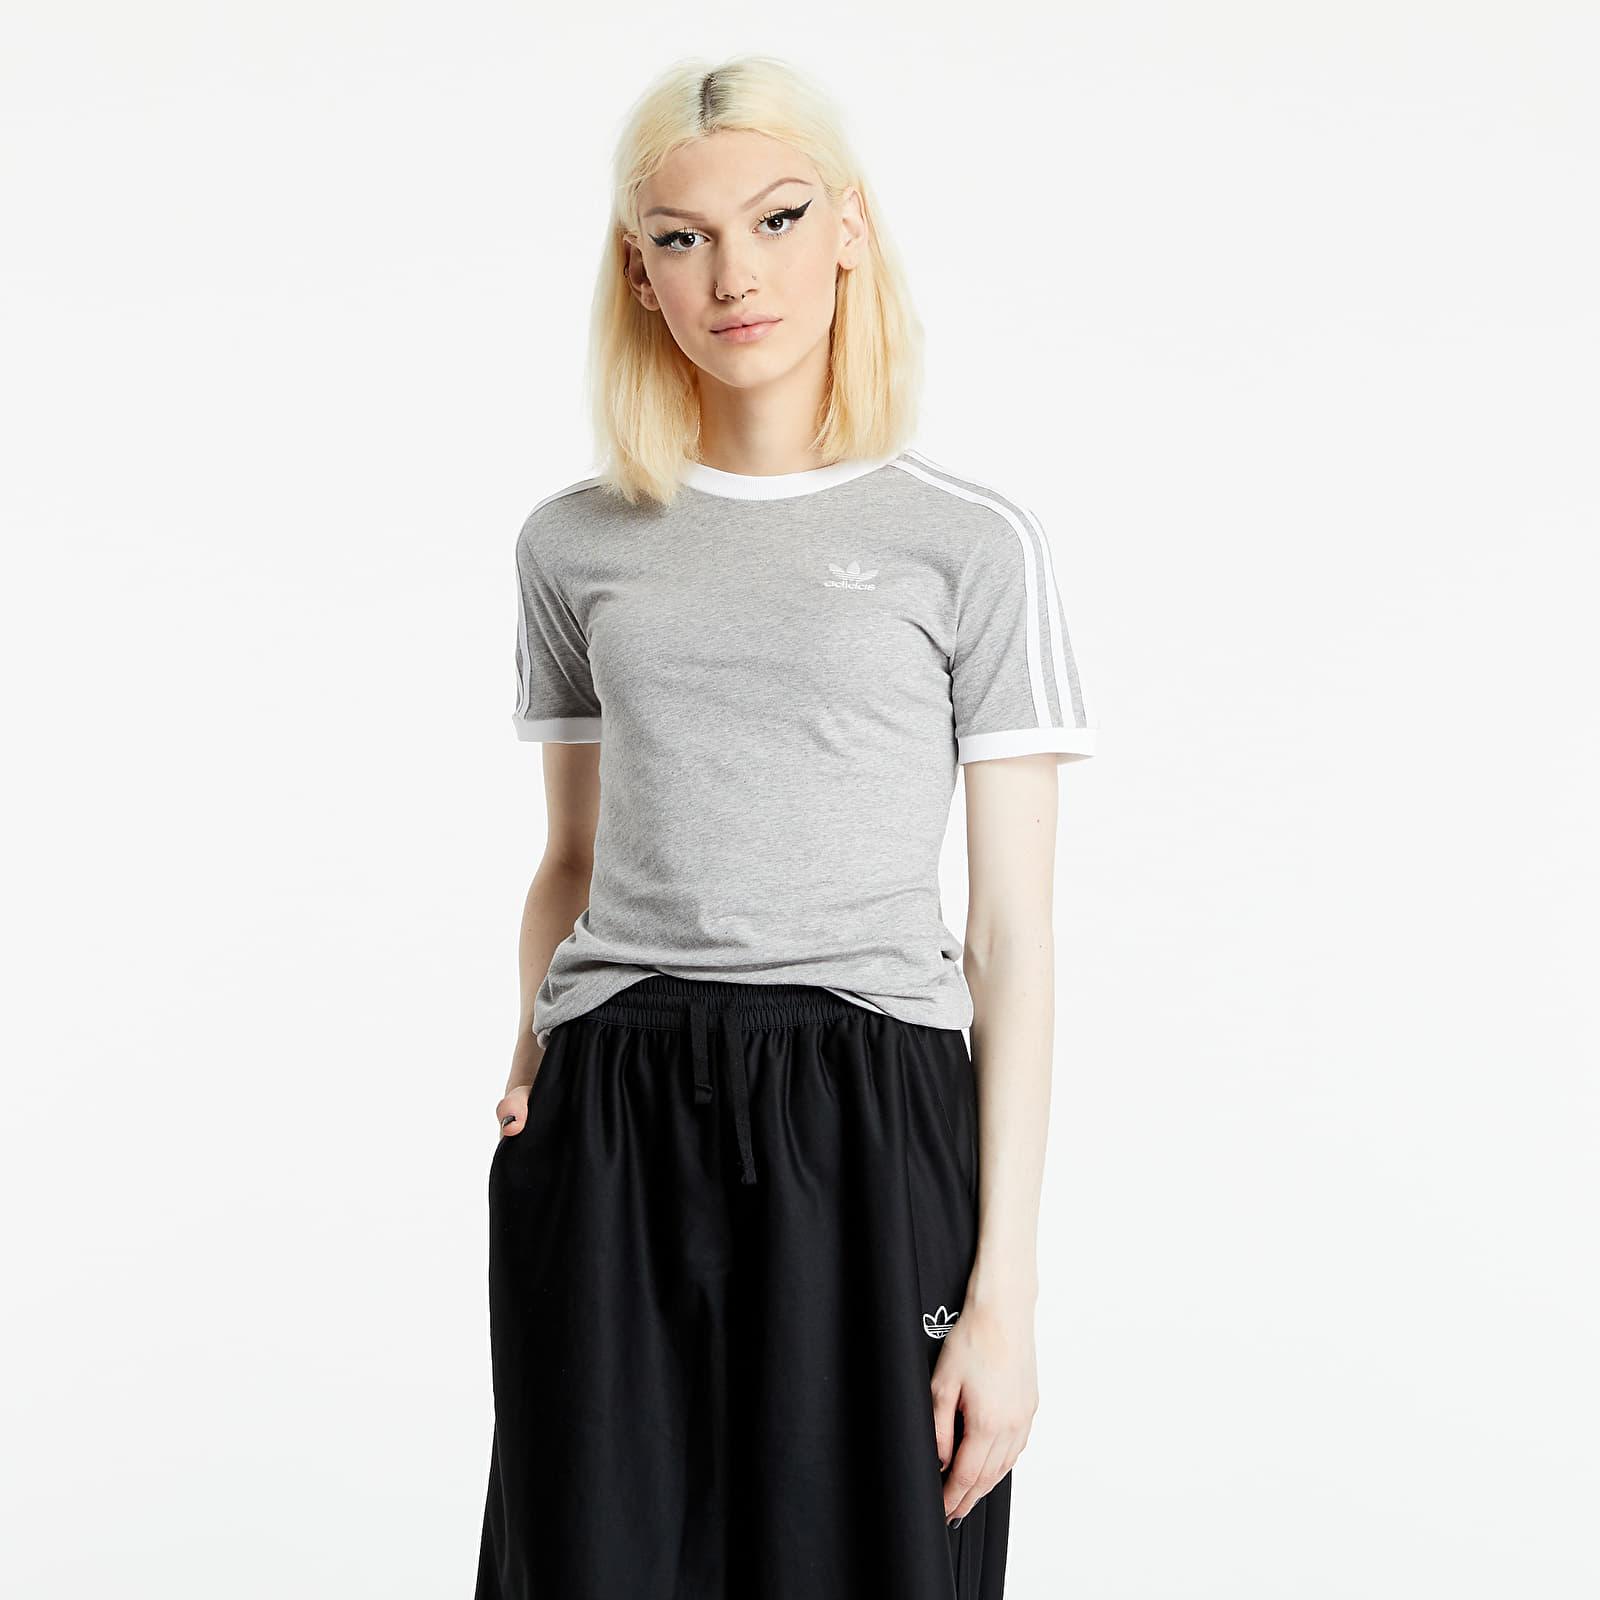 adidas Originals Adicolor Classics 3-Stripes Tee Medium Grey Heather S/34